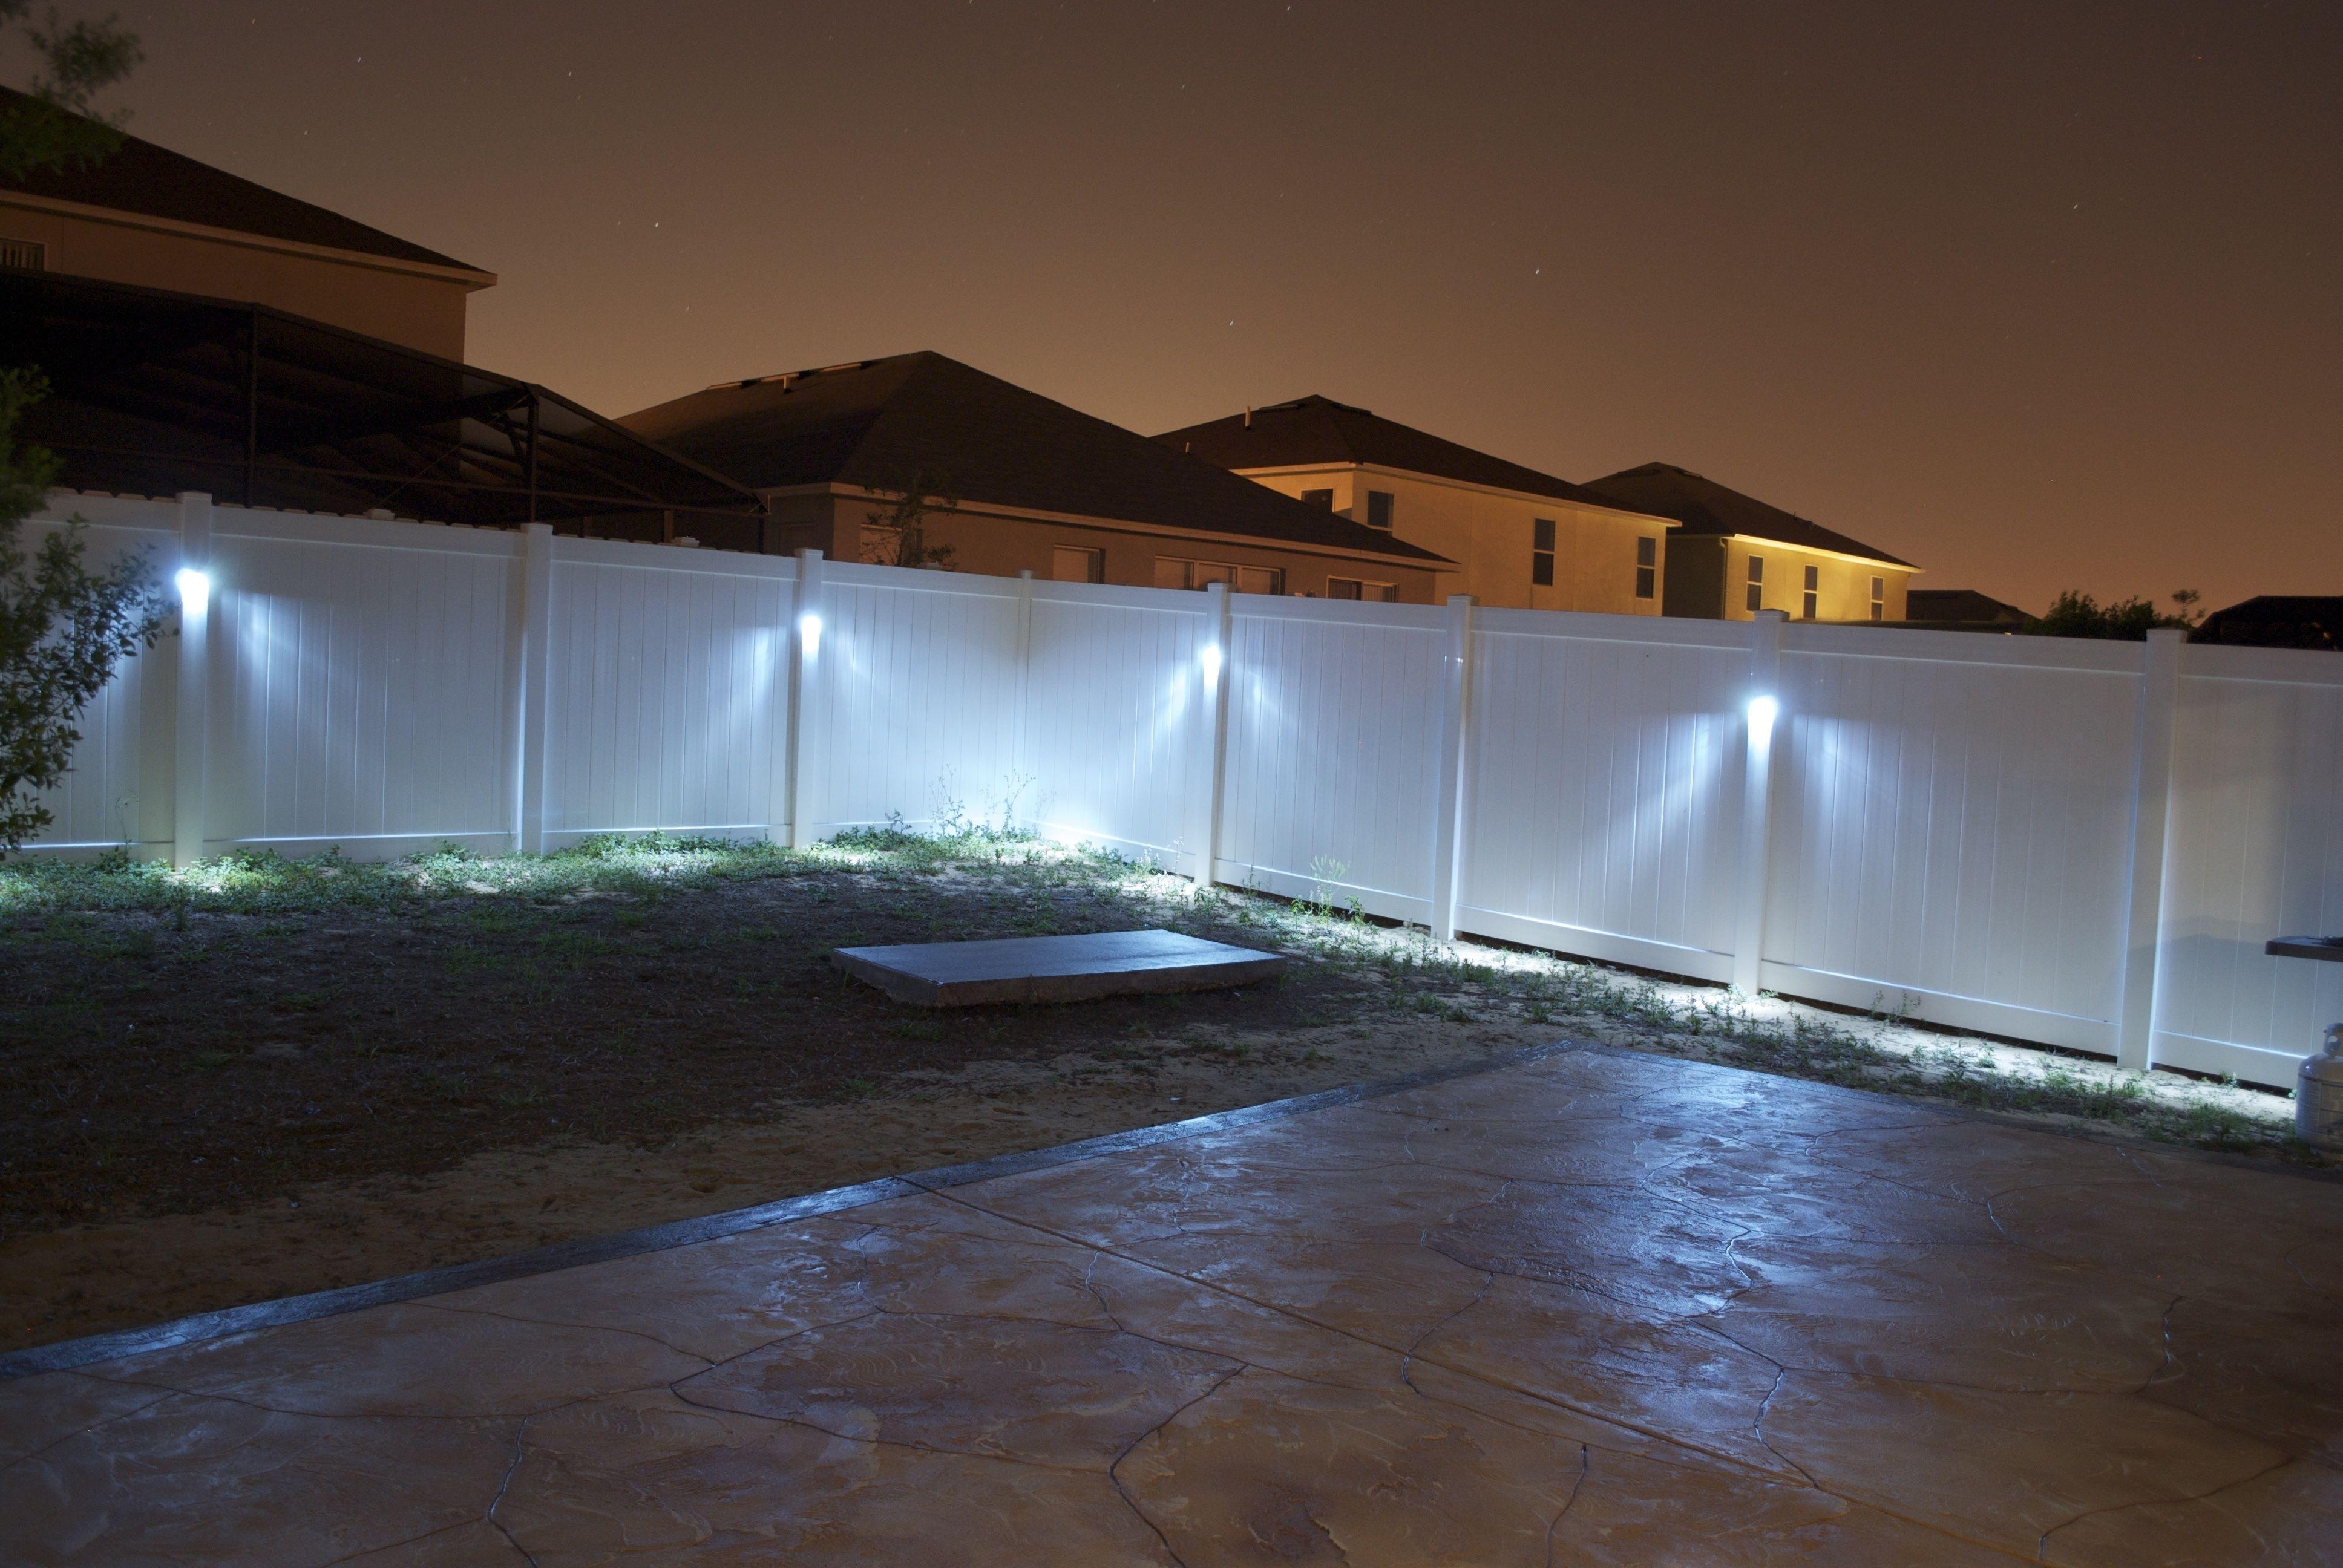 15 Fotos Aufhangen Outdoor Leuchten Am Zaun Mehr Auf Unserer Website Die Wahl Der Richtigen Hangende Terrasse Zaun Terrassen Beleuchtung Hinterhofbeleuchtung